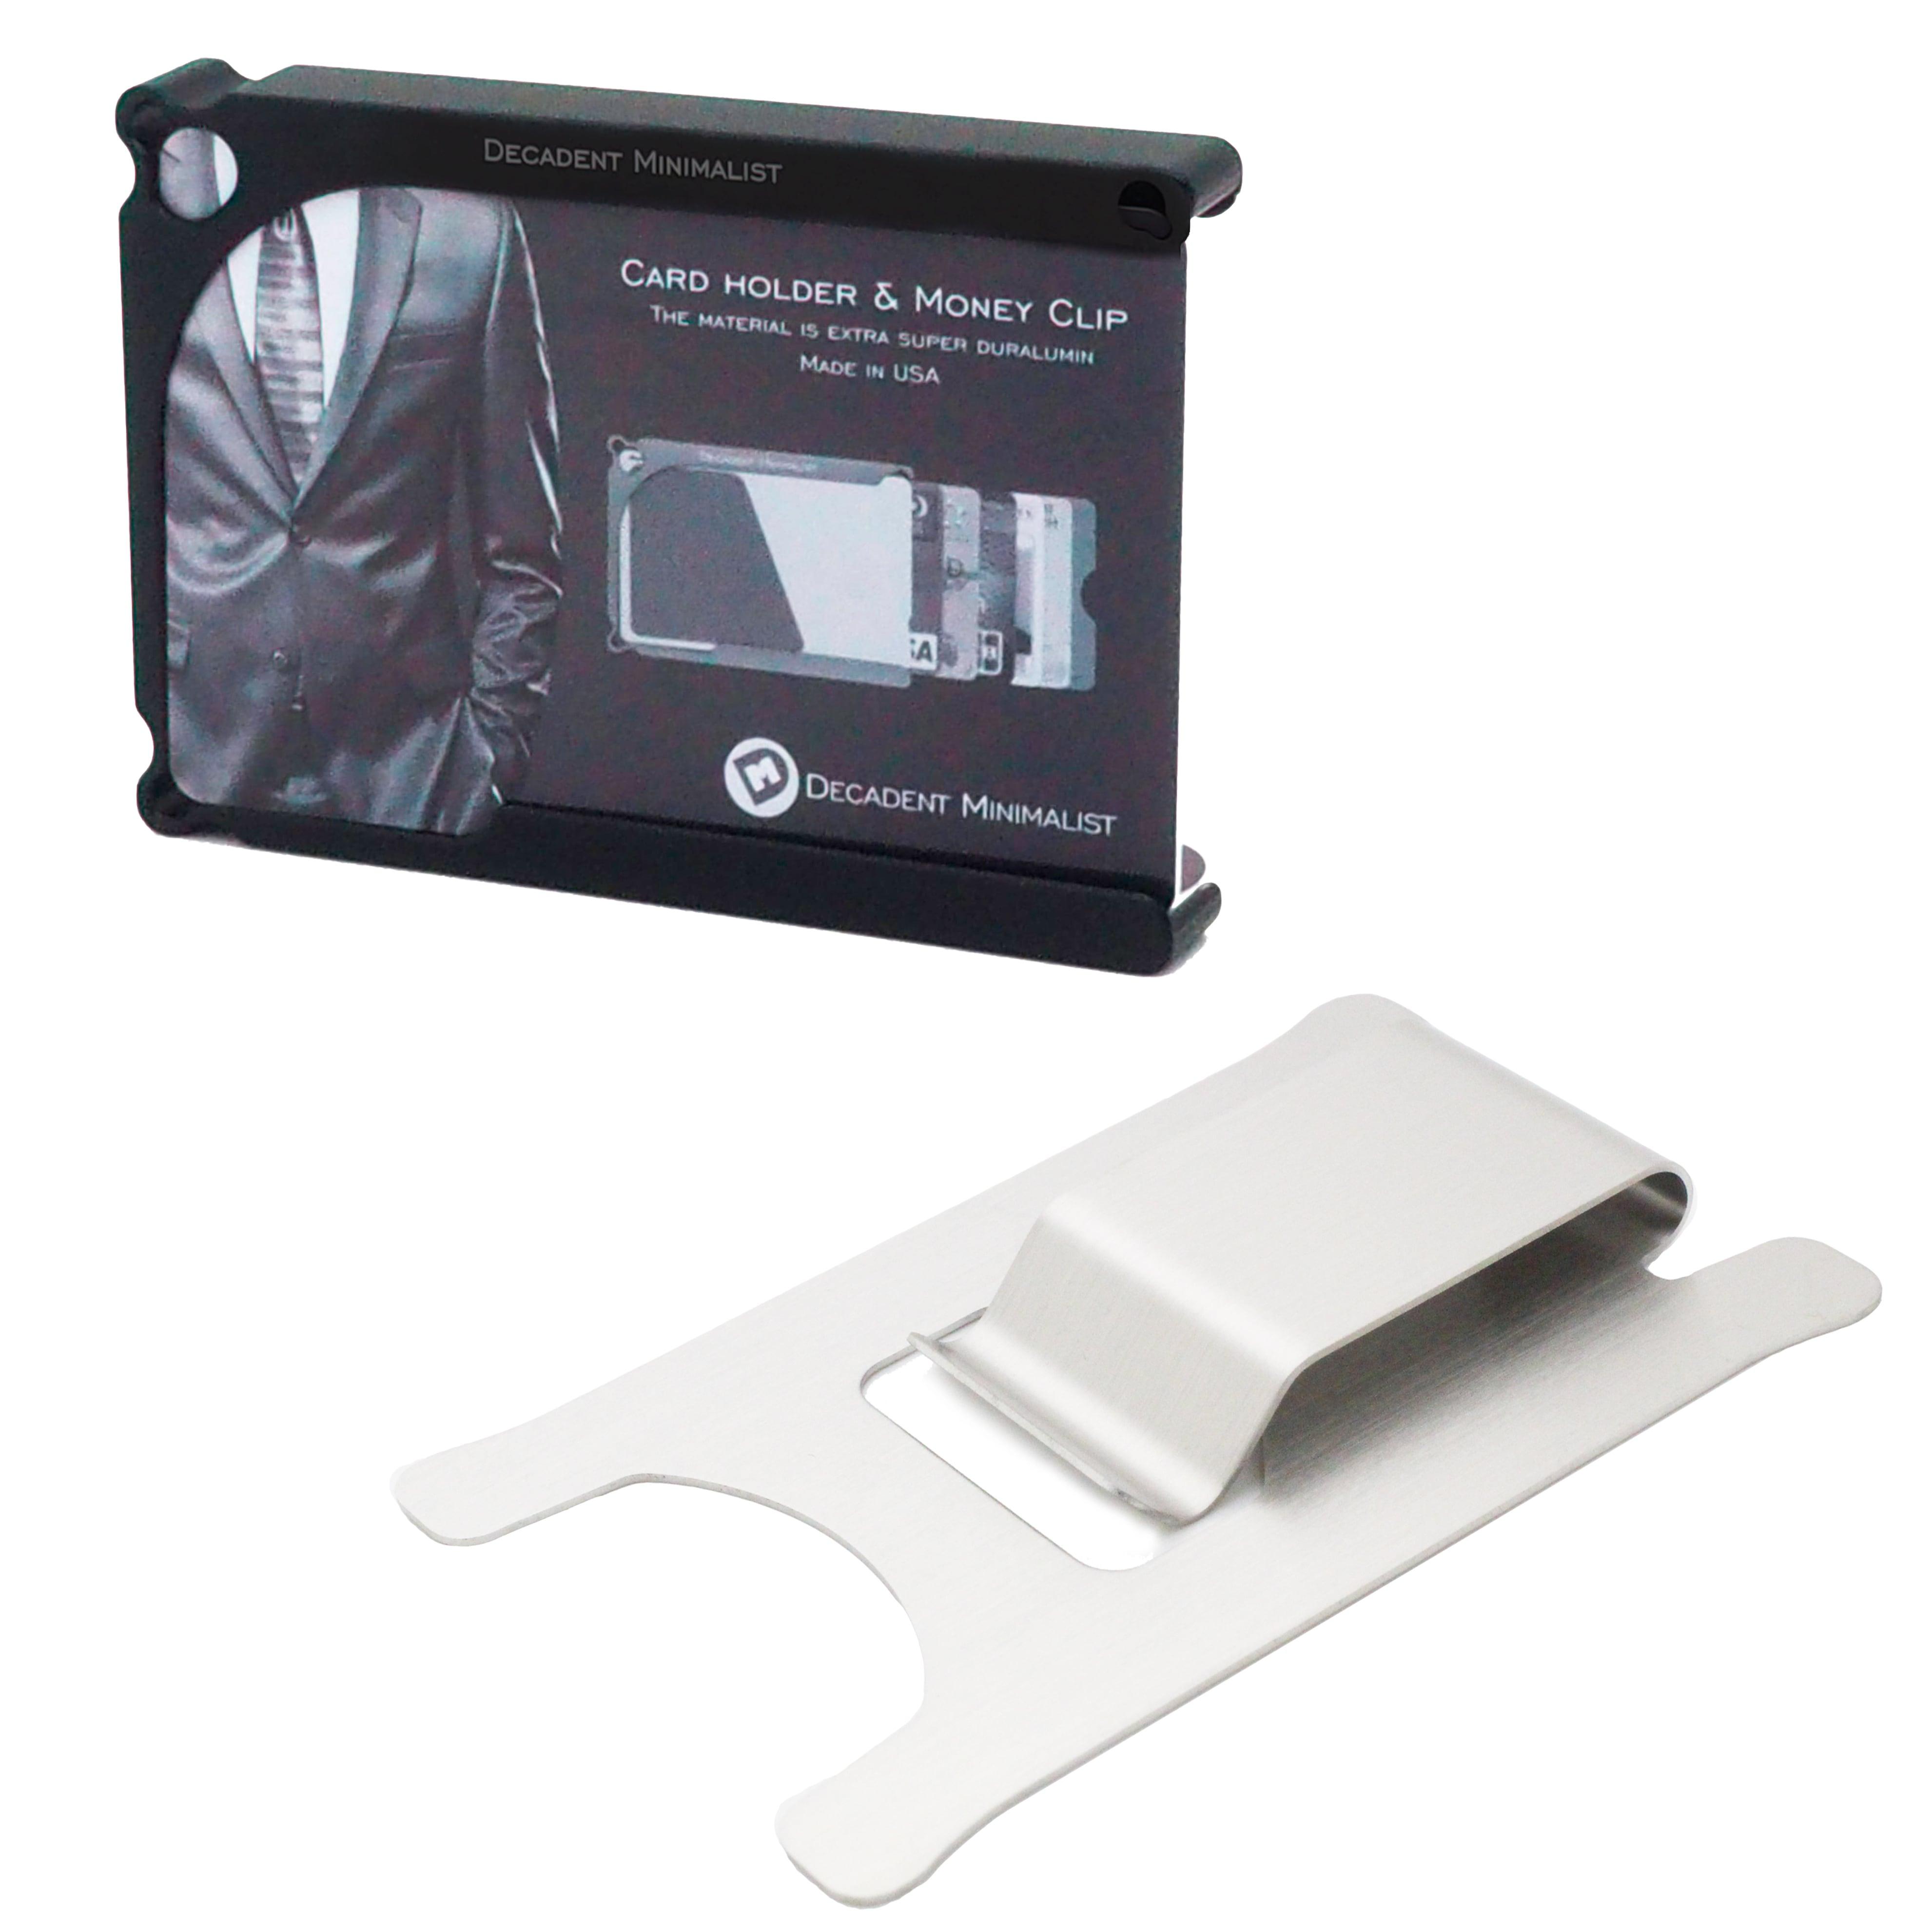 マネークリップ カード ホルダー 8枚サイズ 送料無料 超々ジュラルミン削出 Decadent Minimalist デカデント ミニマリスト 薄い 軽い 財布 ギフト クレジットカード ケース アルミ削り出し マネークリップ 財布